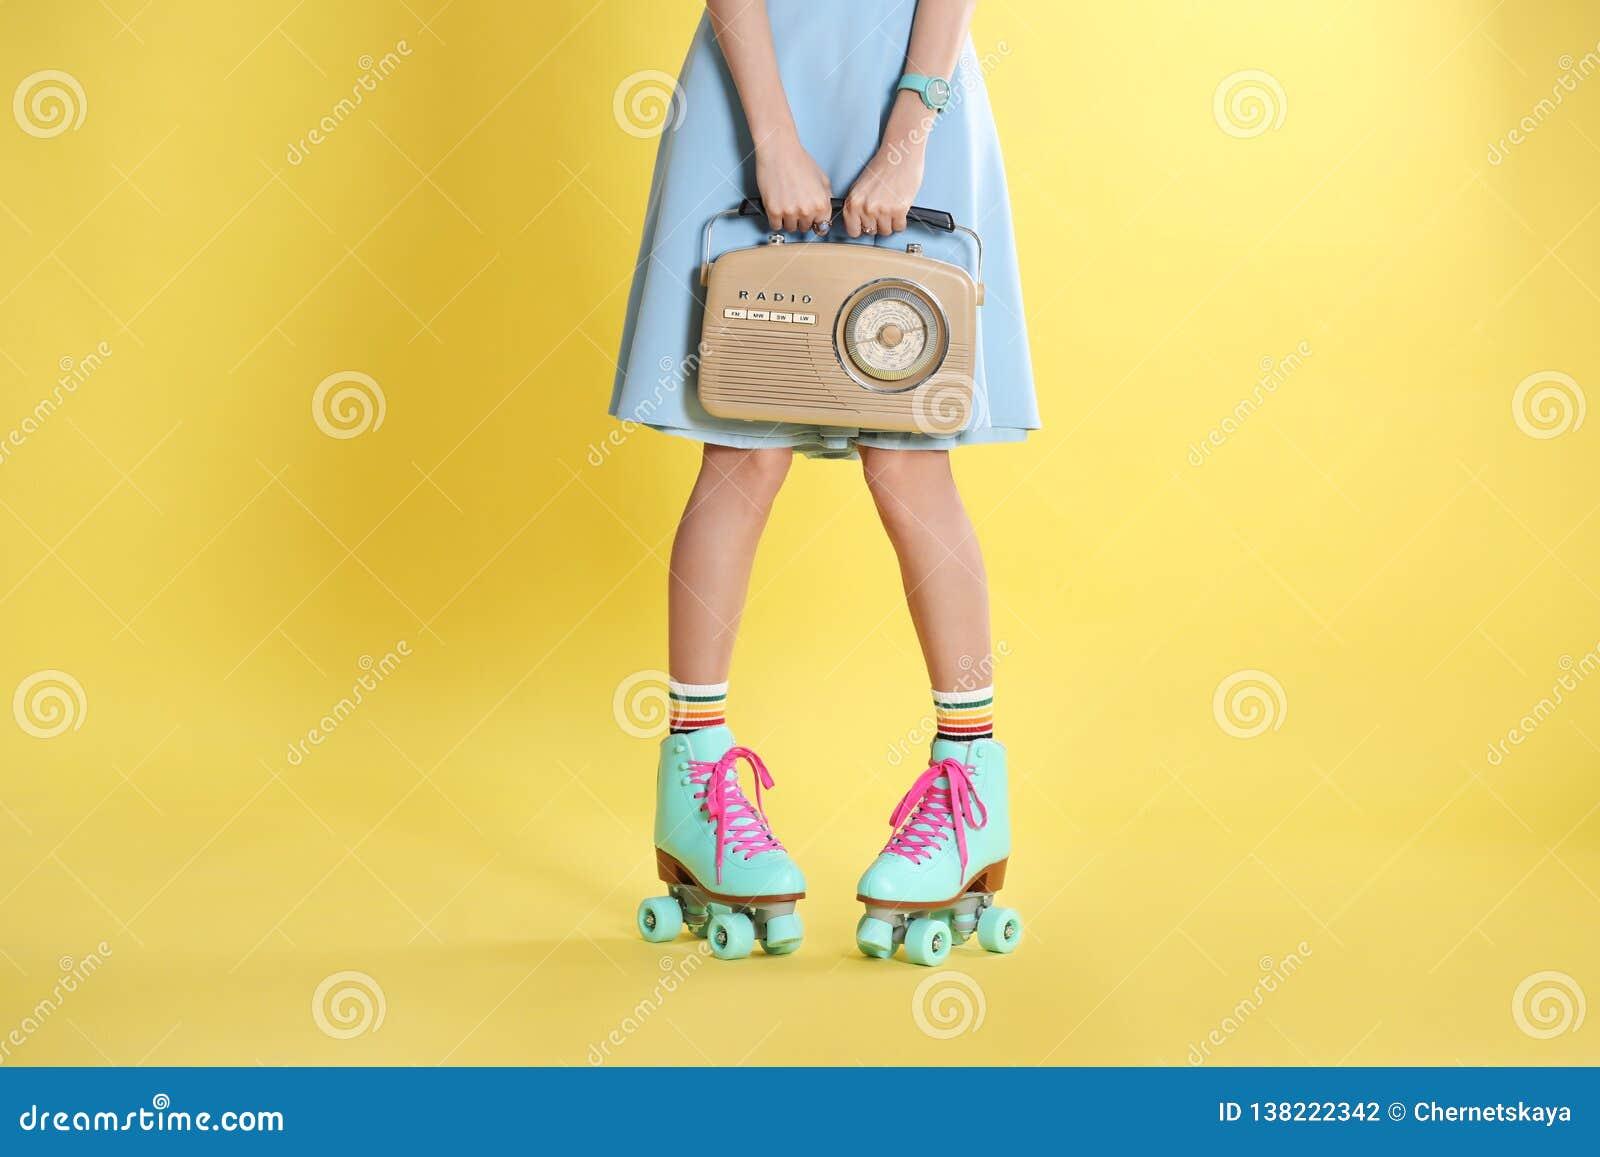 Jonge vrouw met rolschaatsen en retro radio op kleurenachtergrond